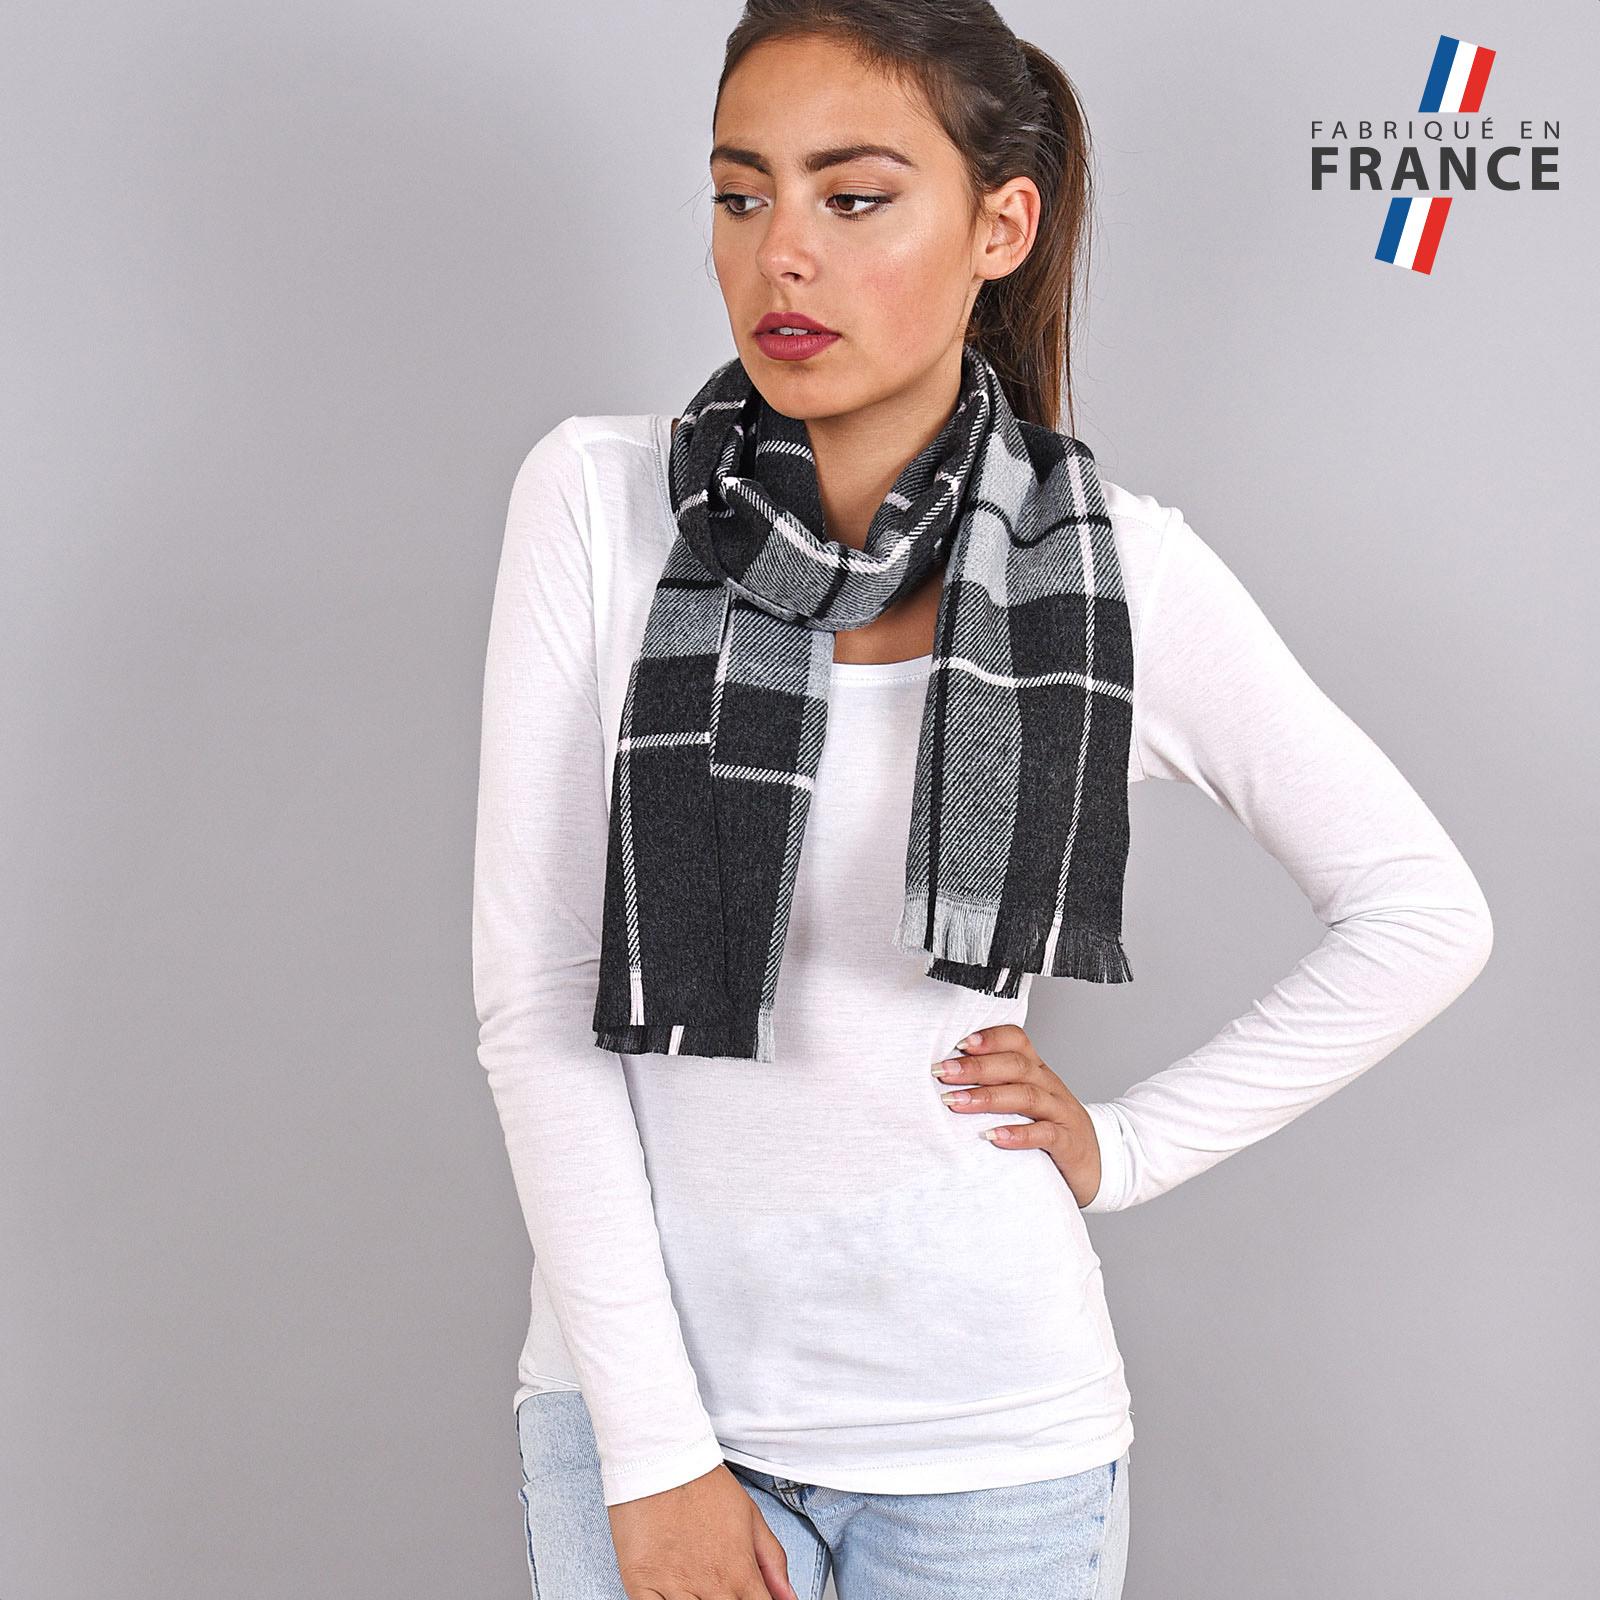 AT-03933-VF16-FR-echarpe-carreaux-ecossais-noire